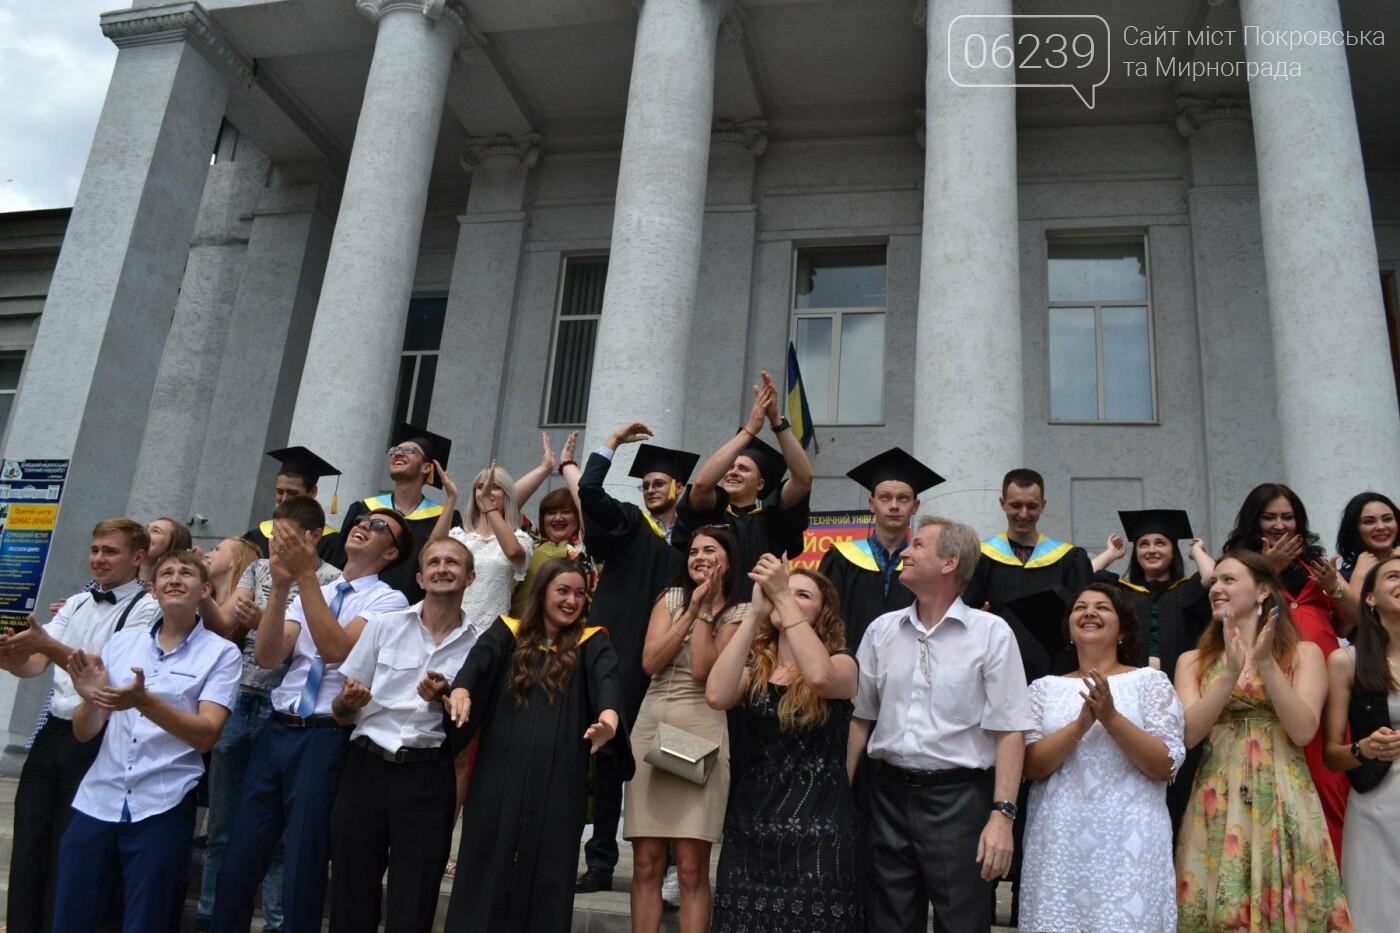 У Покровську в Індустріальному інституті ДонНТУ відбулося традиційне урочисте вручення дипломів випускникам, фото-4